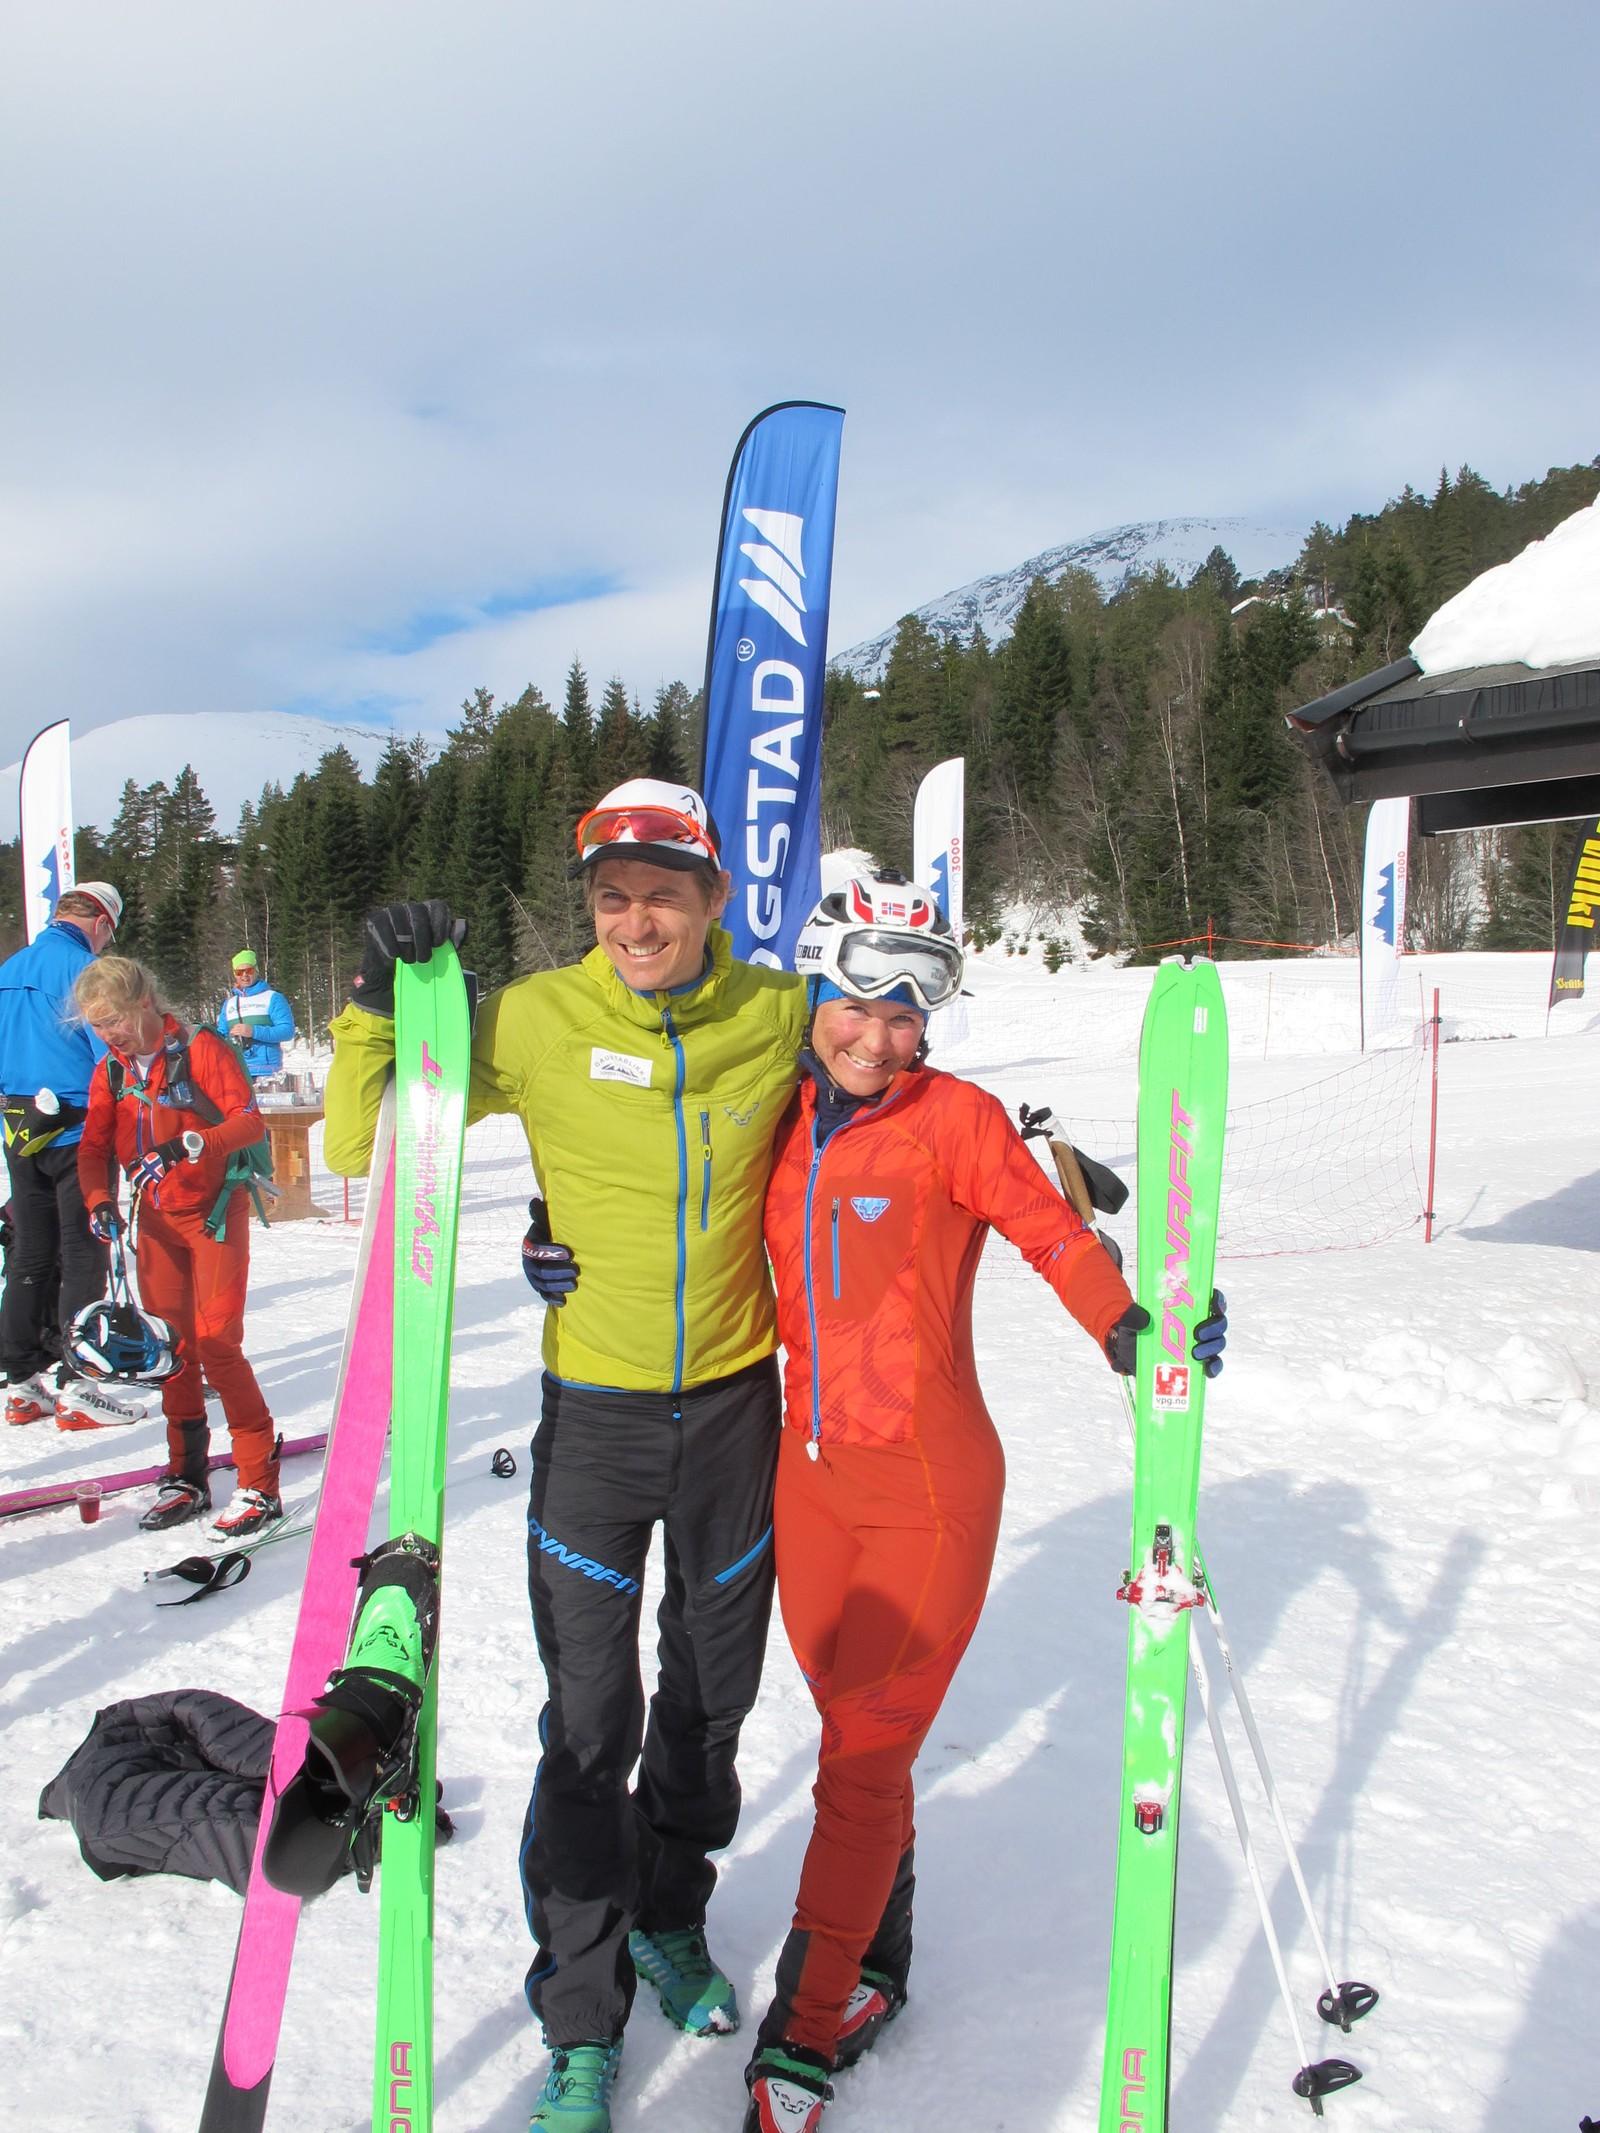 Lars Eirik Skjervheim saman med vinnar i dameklassen, Hildegunn Gjertrud Hovdenak, frå Romsdal Randonee. Ho kryssa målstreken etter tre timar, 45 minutt og 34 sekund.